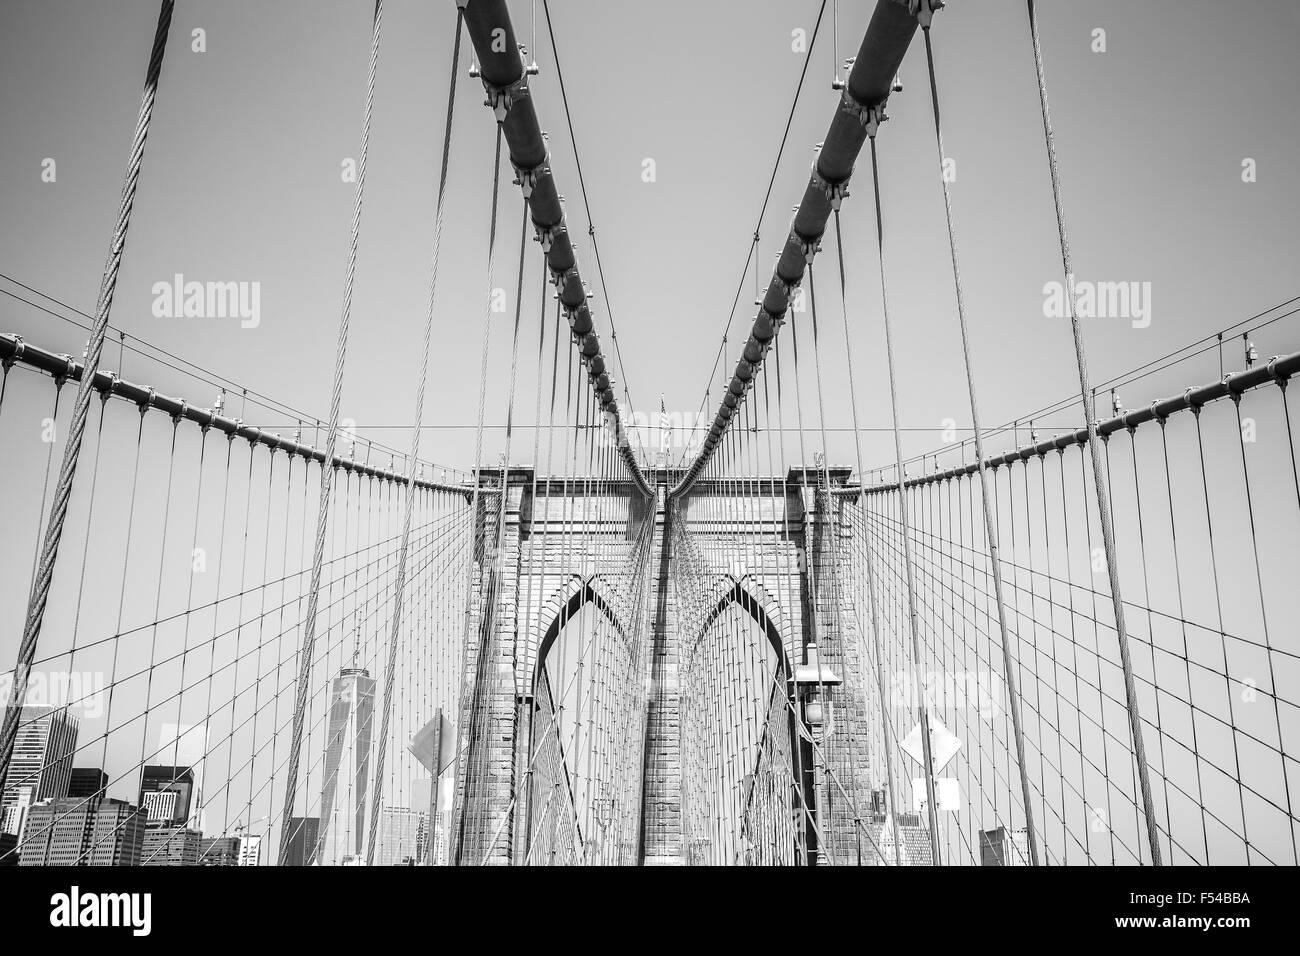 Fotografía en blanco y negro del Puente de Brooklyn, Nueva York, EE.UU.. Imagen De Stock